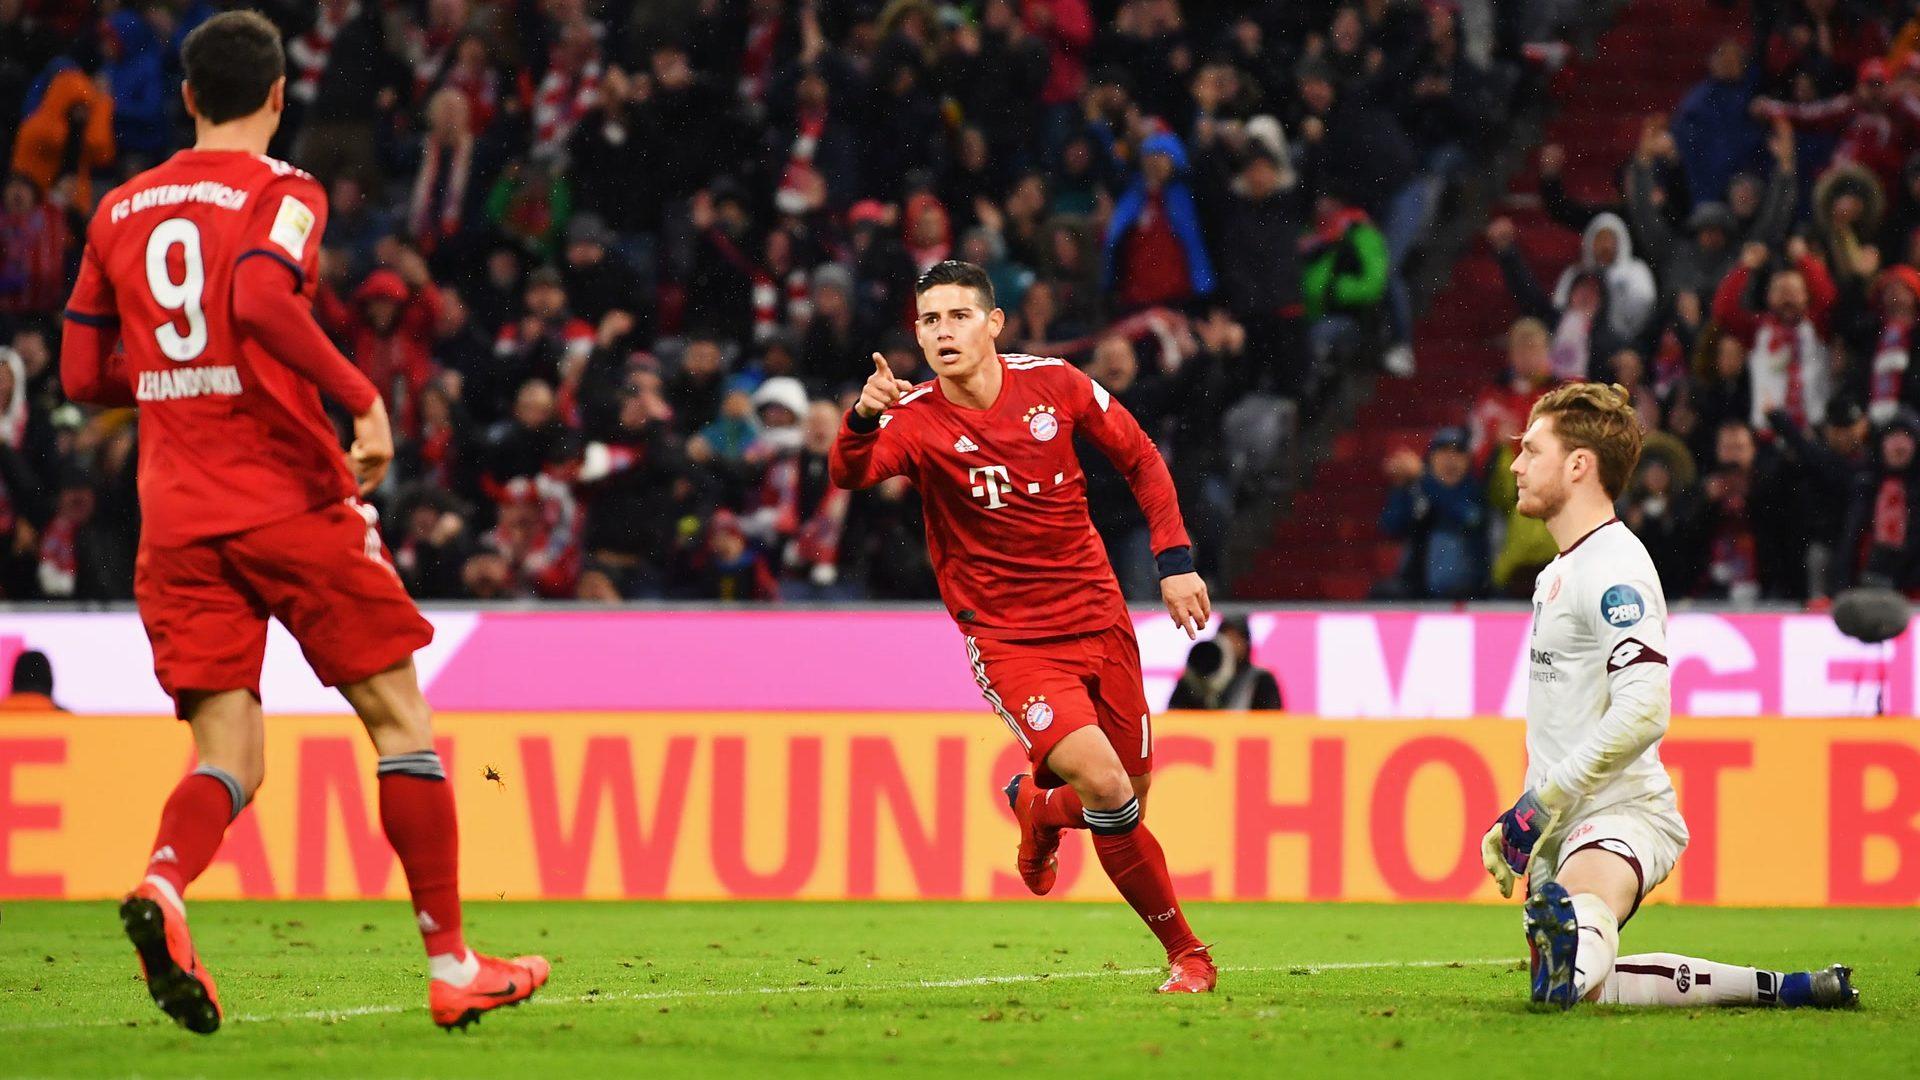 Die Bayern feiern auch gegen Mainz ein Torfestival